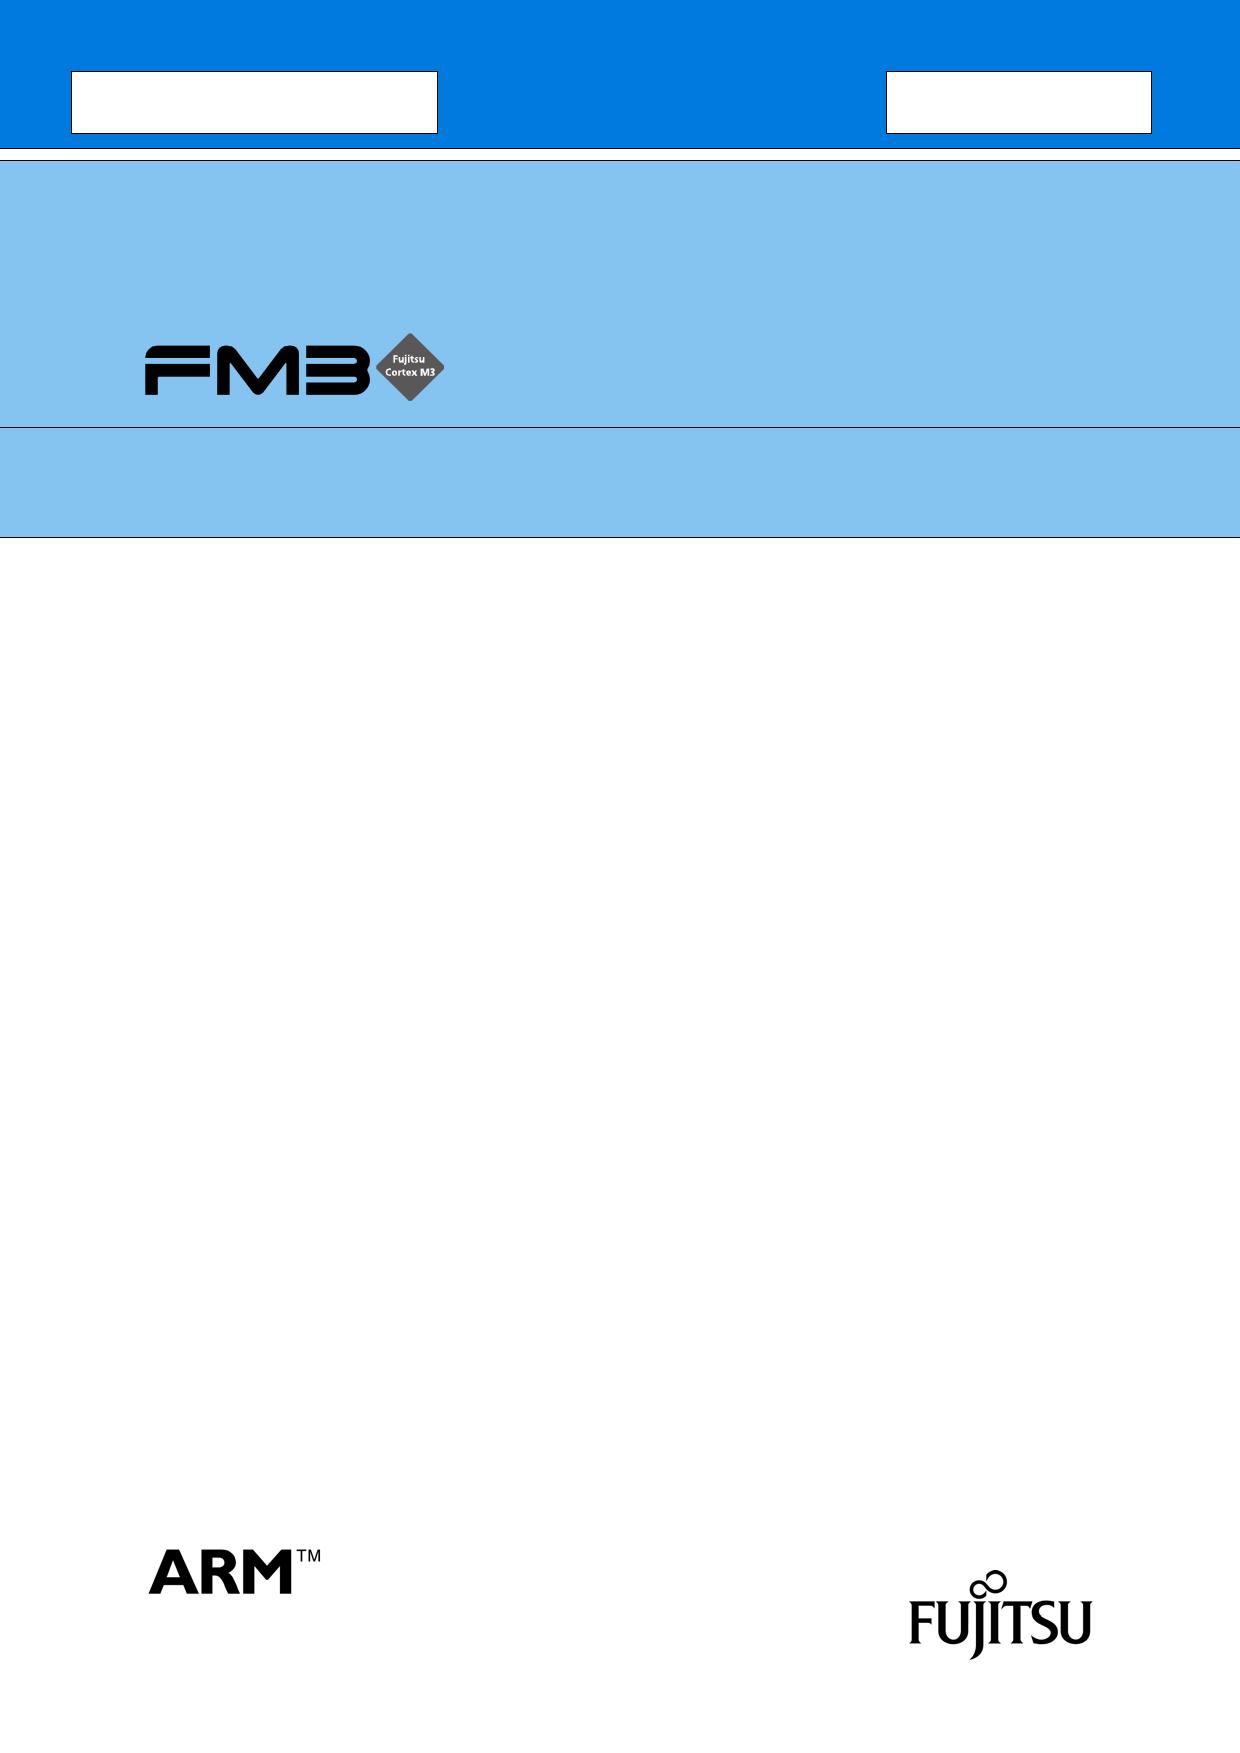 MB9B320M 데이터시트 및 MB9B320M PDF